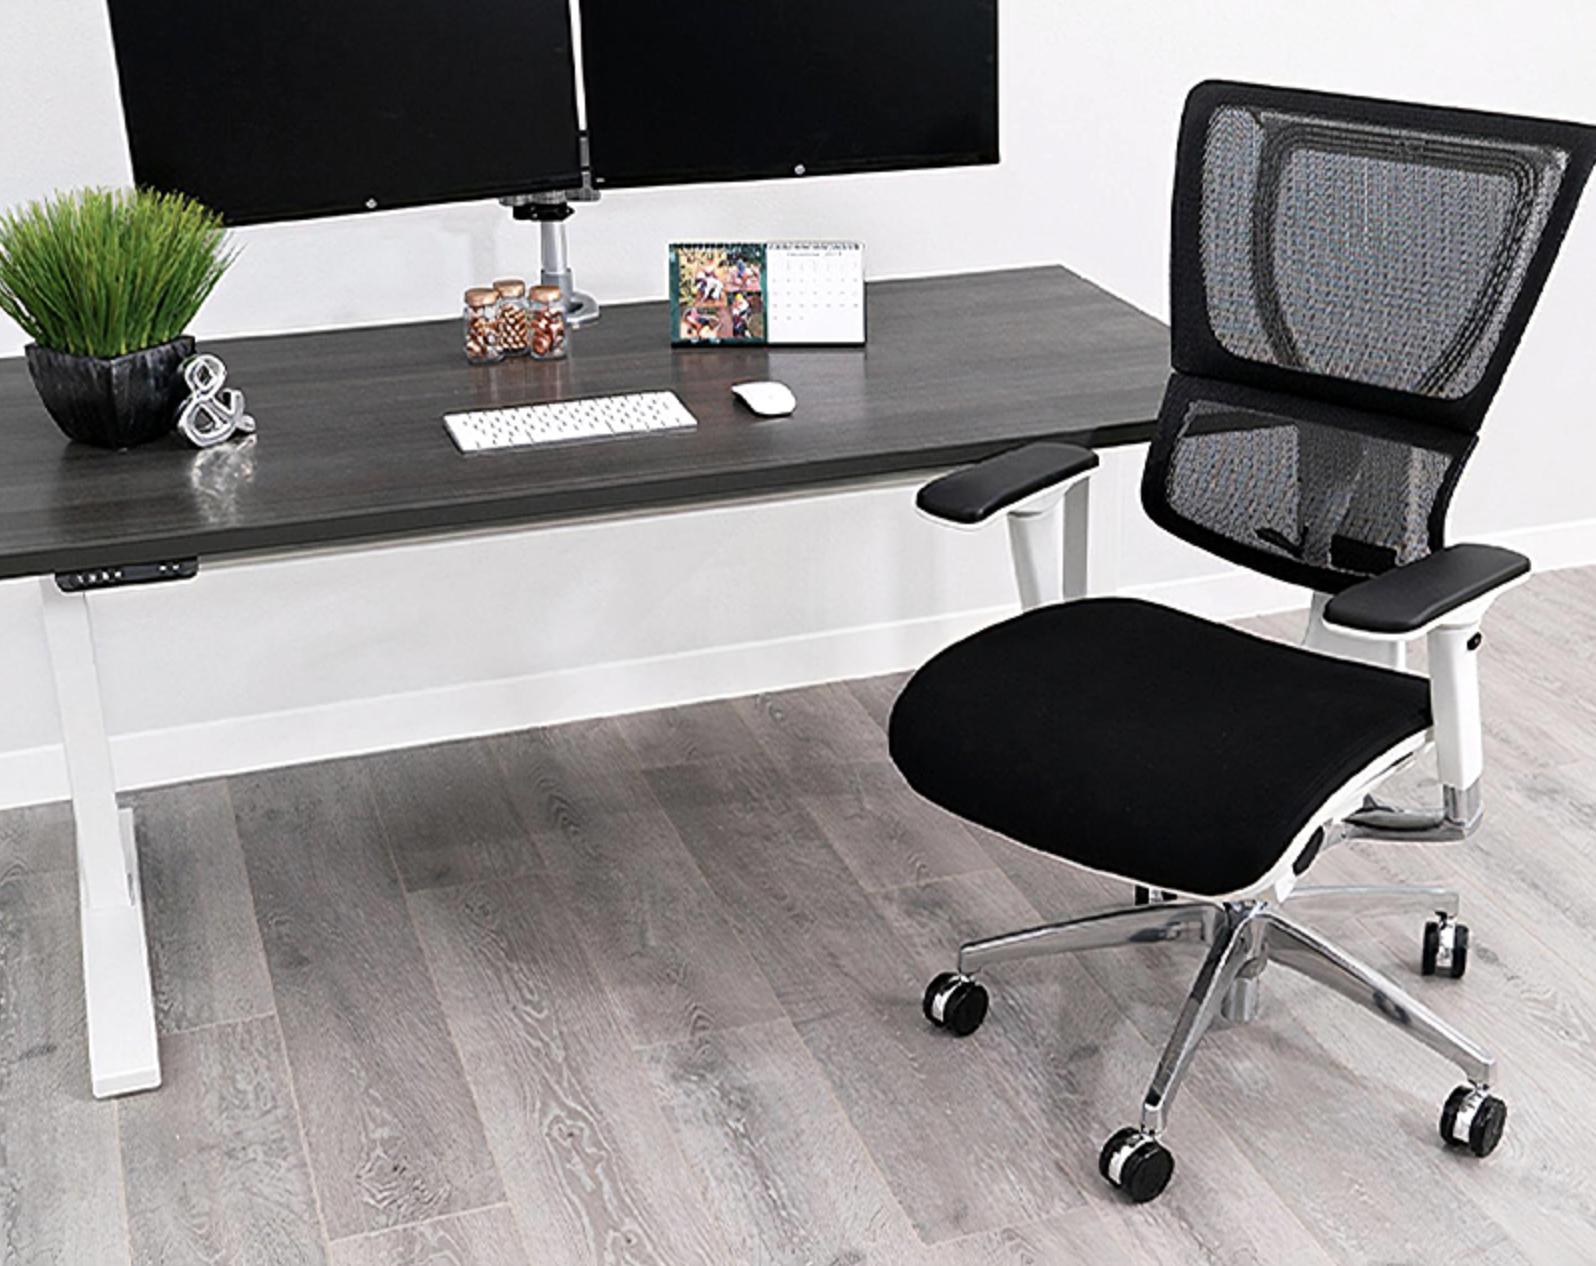 Eurotech Seating iOO Premium Ergonomic Mesh Chair iOO-WHT